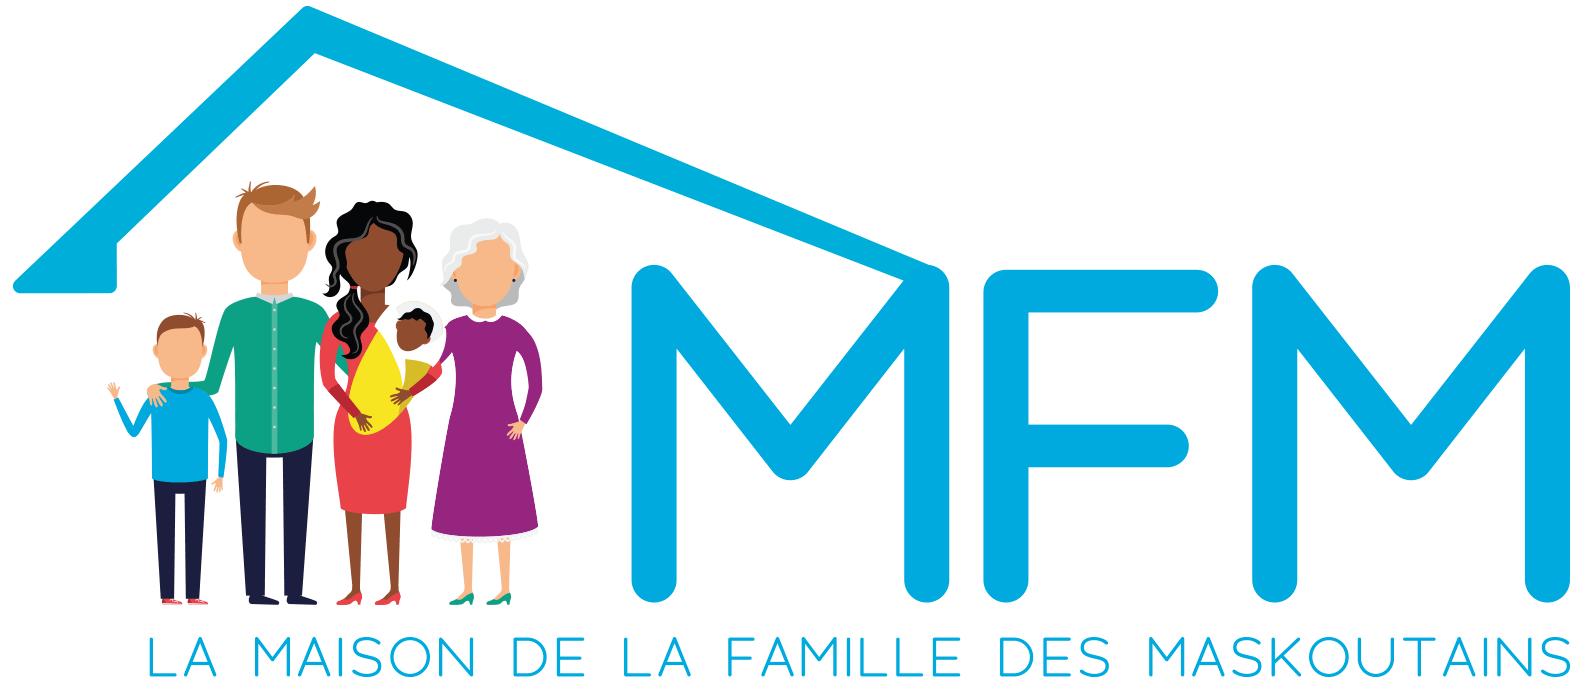 La Maison de la Famille des Maskoutains